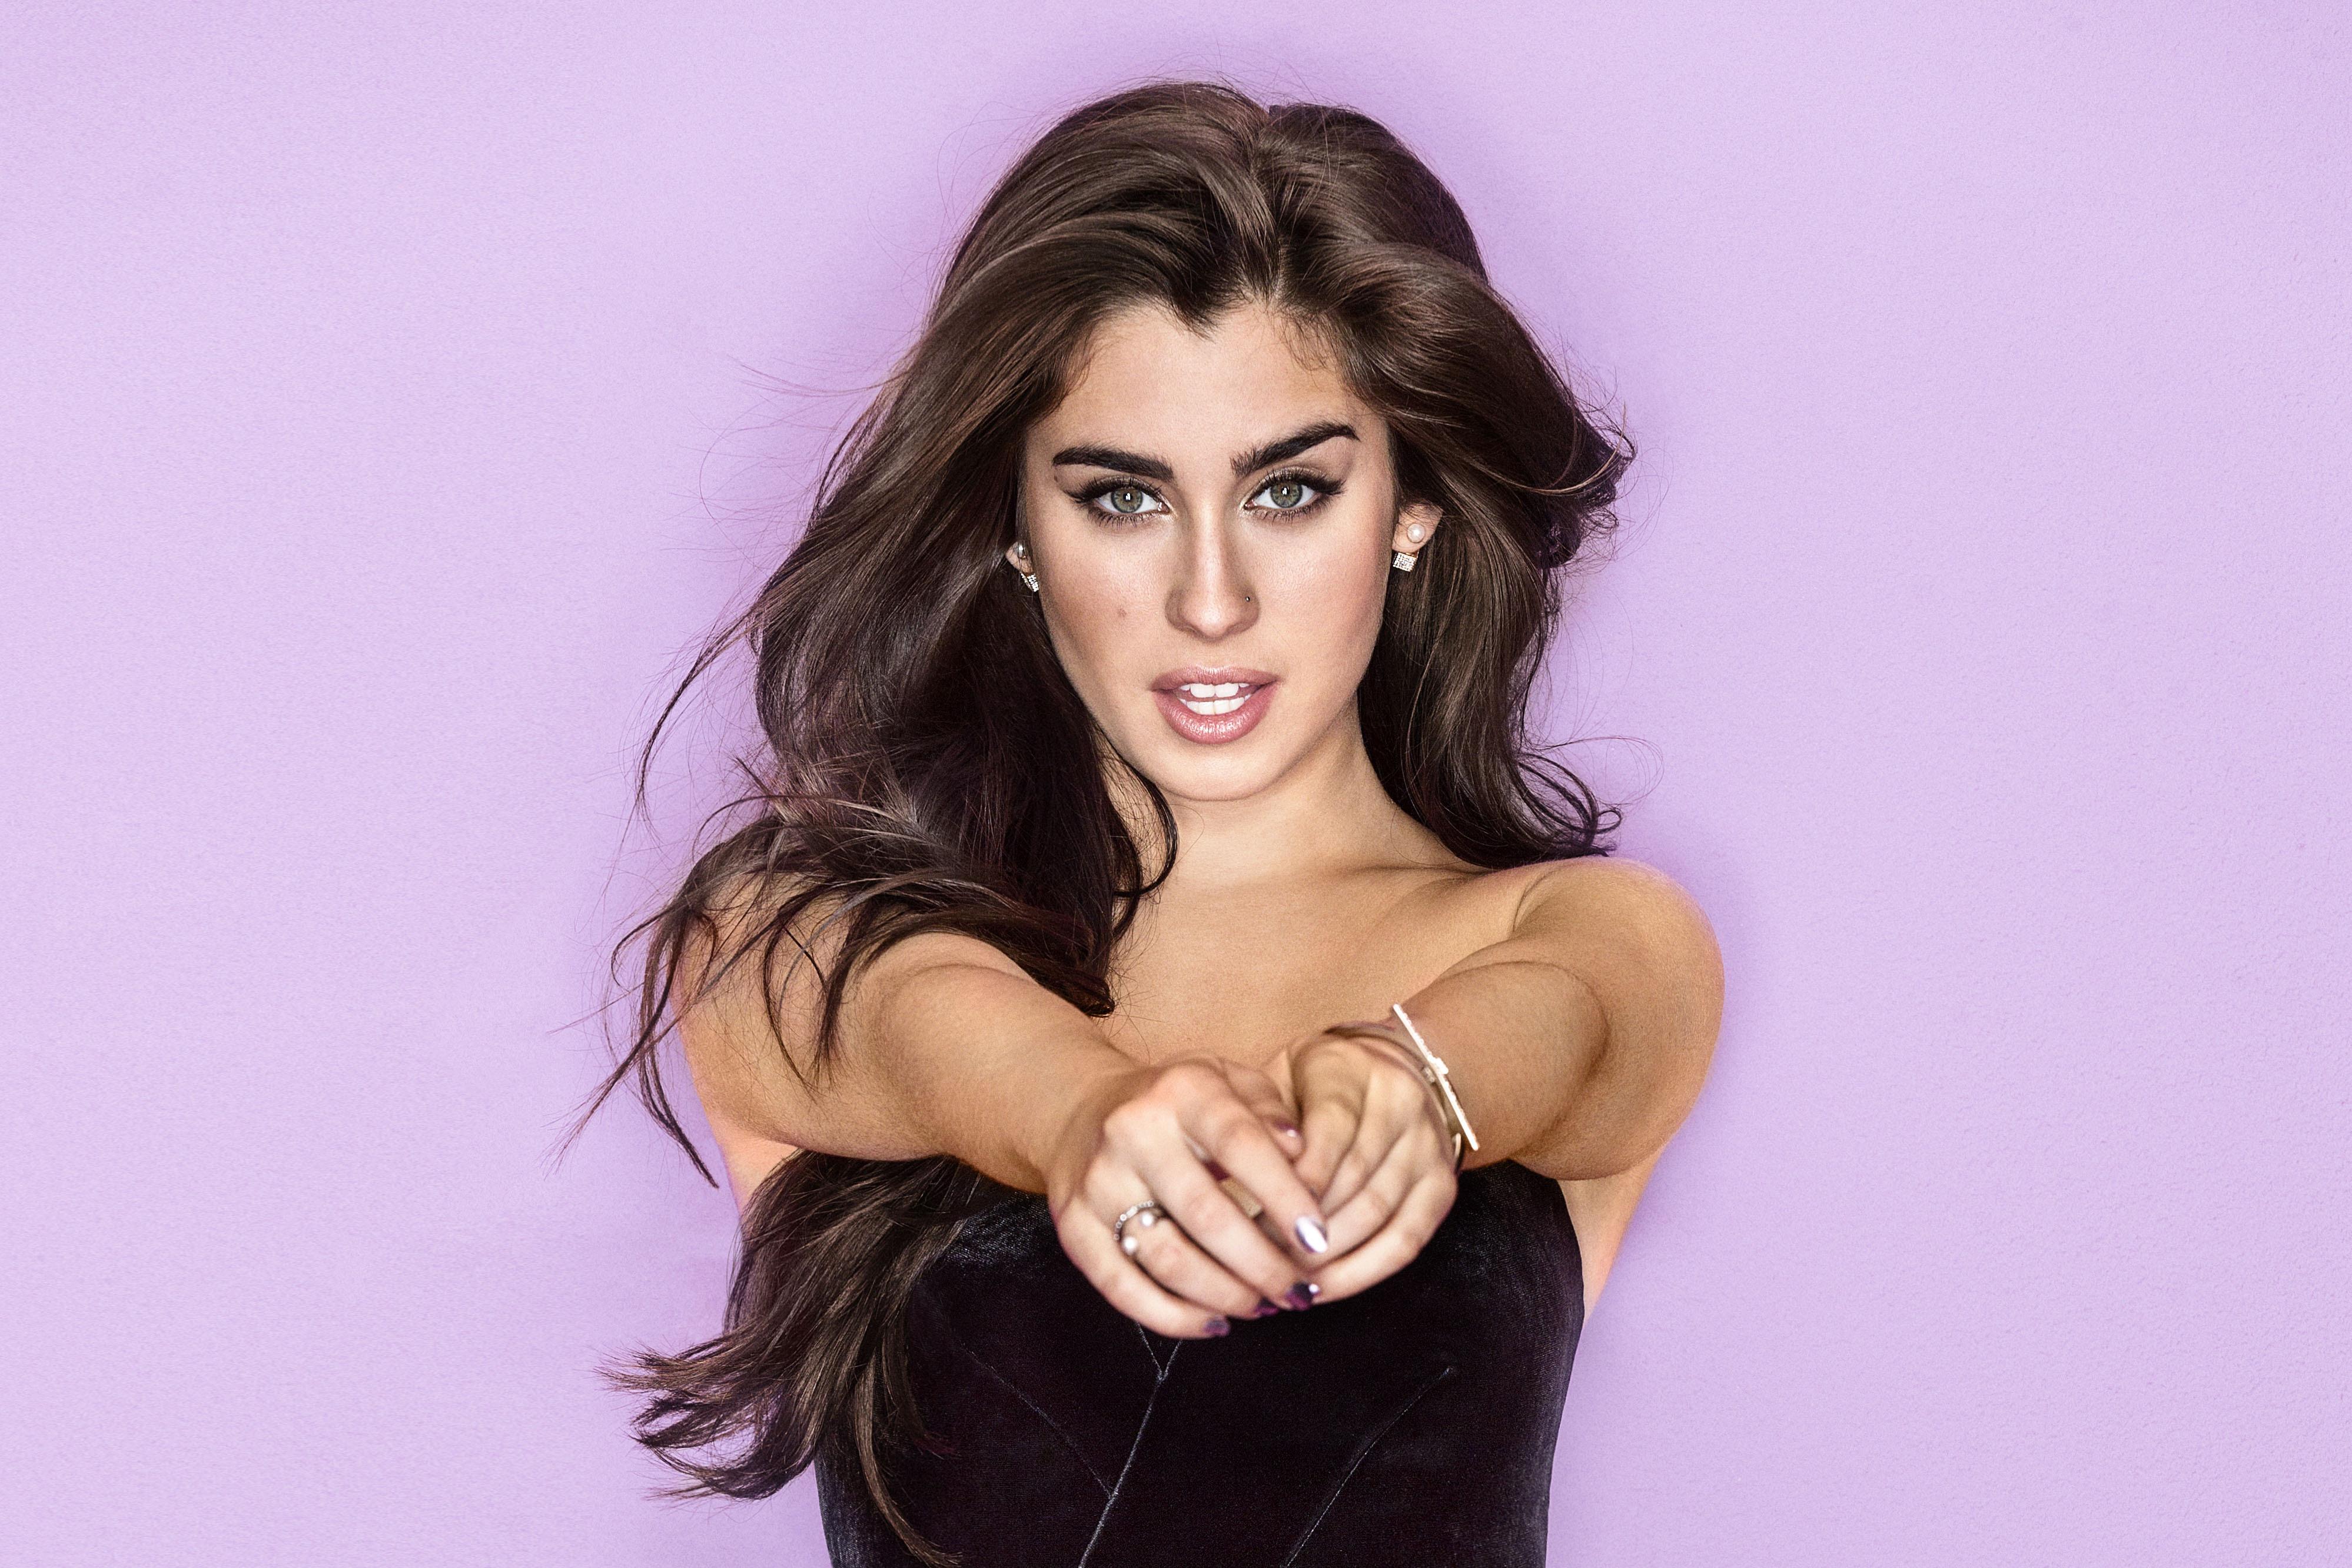 Lauren Jauregui Wallpapers 81 Images: Lauren Jauregui 4k, HD Celebrities, 4k Wallpapers, Images